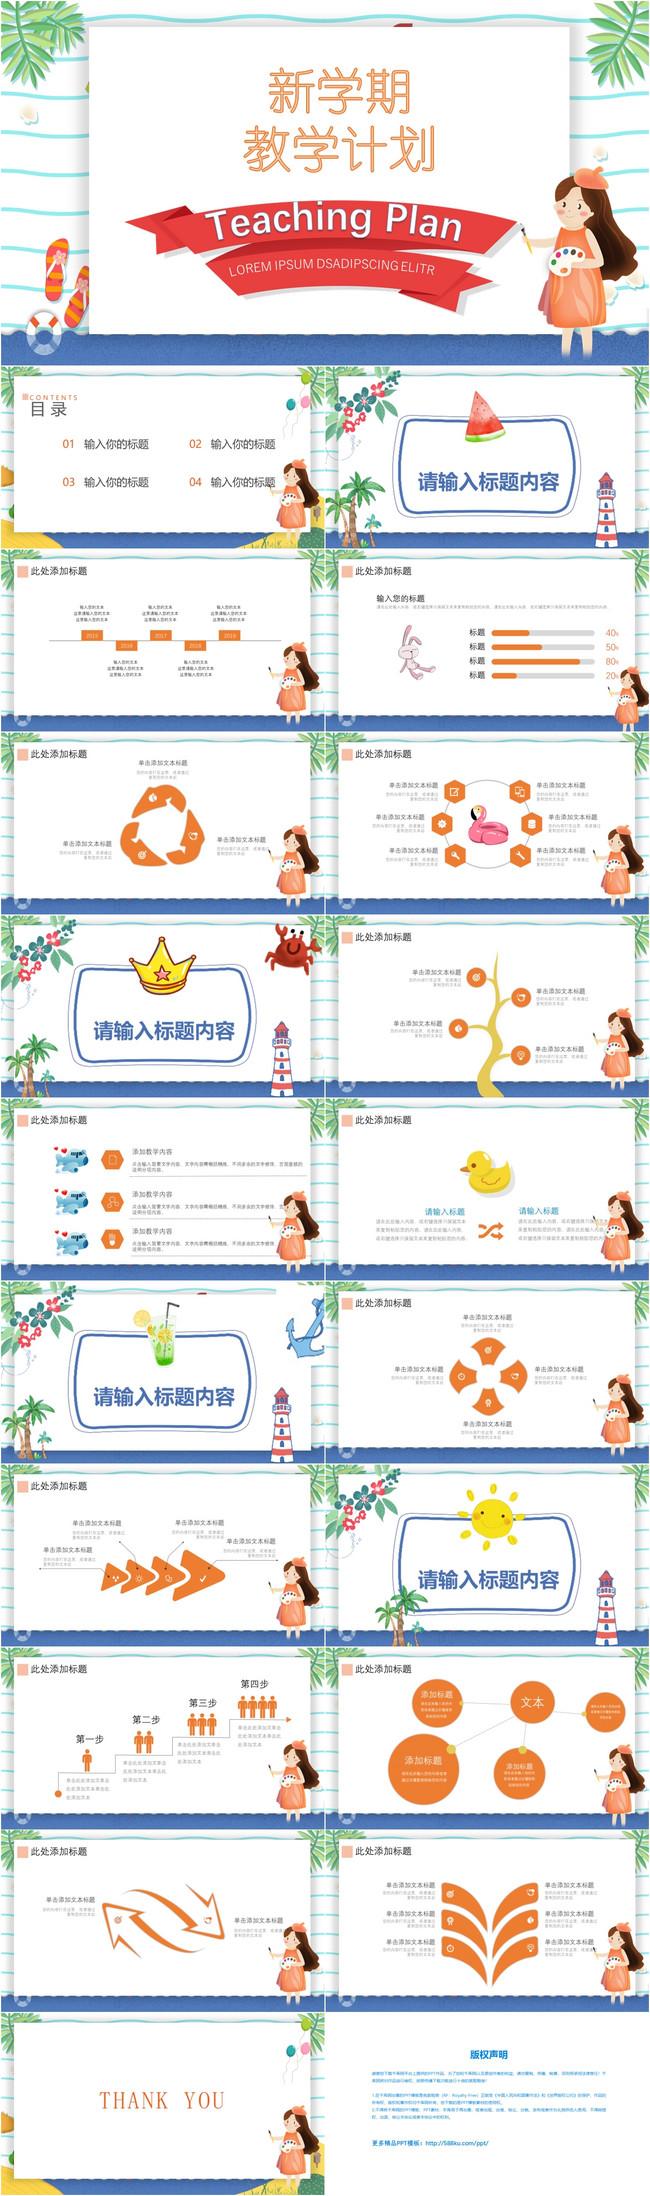 Animasi Pembukaan Power Point : animasi, pembukaan, power, point, Ilustrasi, Kartun, Pelatihan, Pendidikan, Upacara, Pembukaan, Rencana, Gambar, Unduh, Gratis_, Power, Point, 650075990_Format, PPTX_lovepik.com